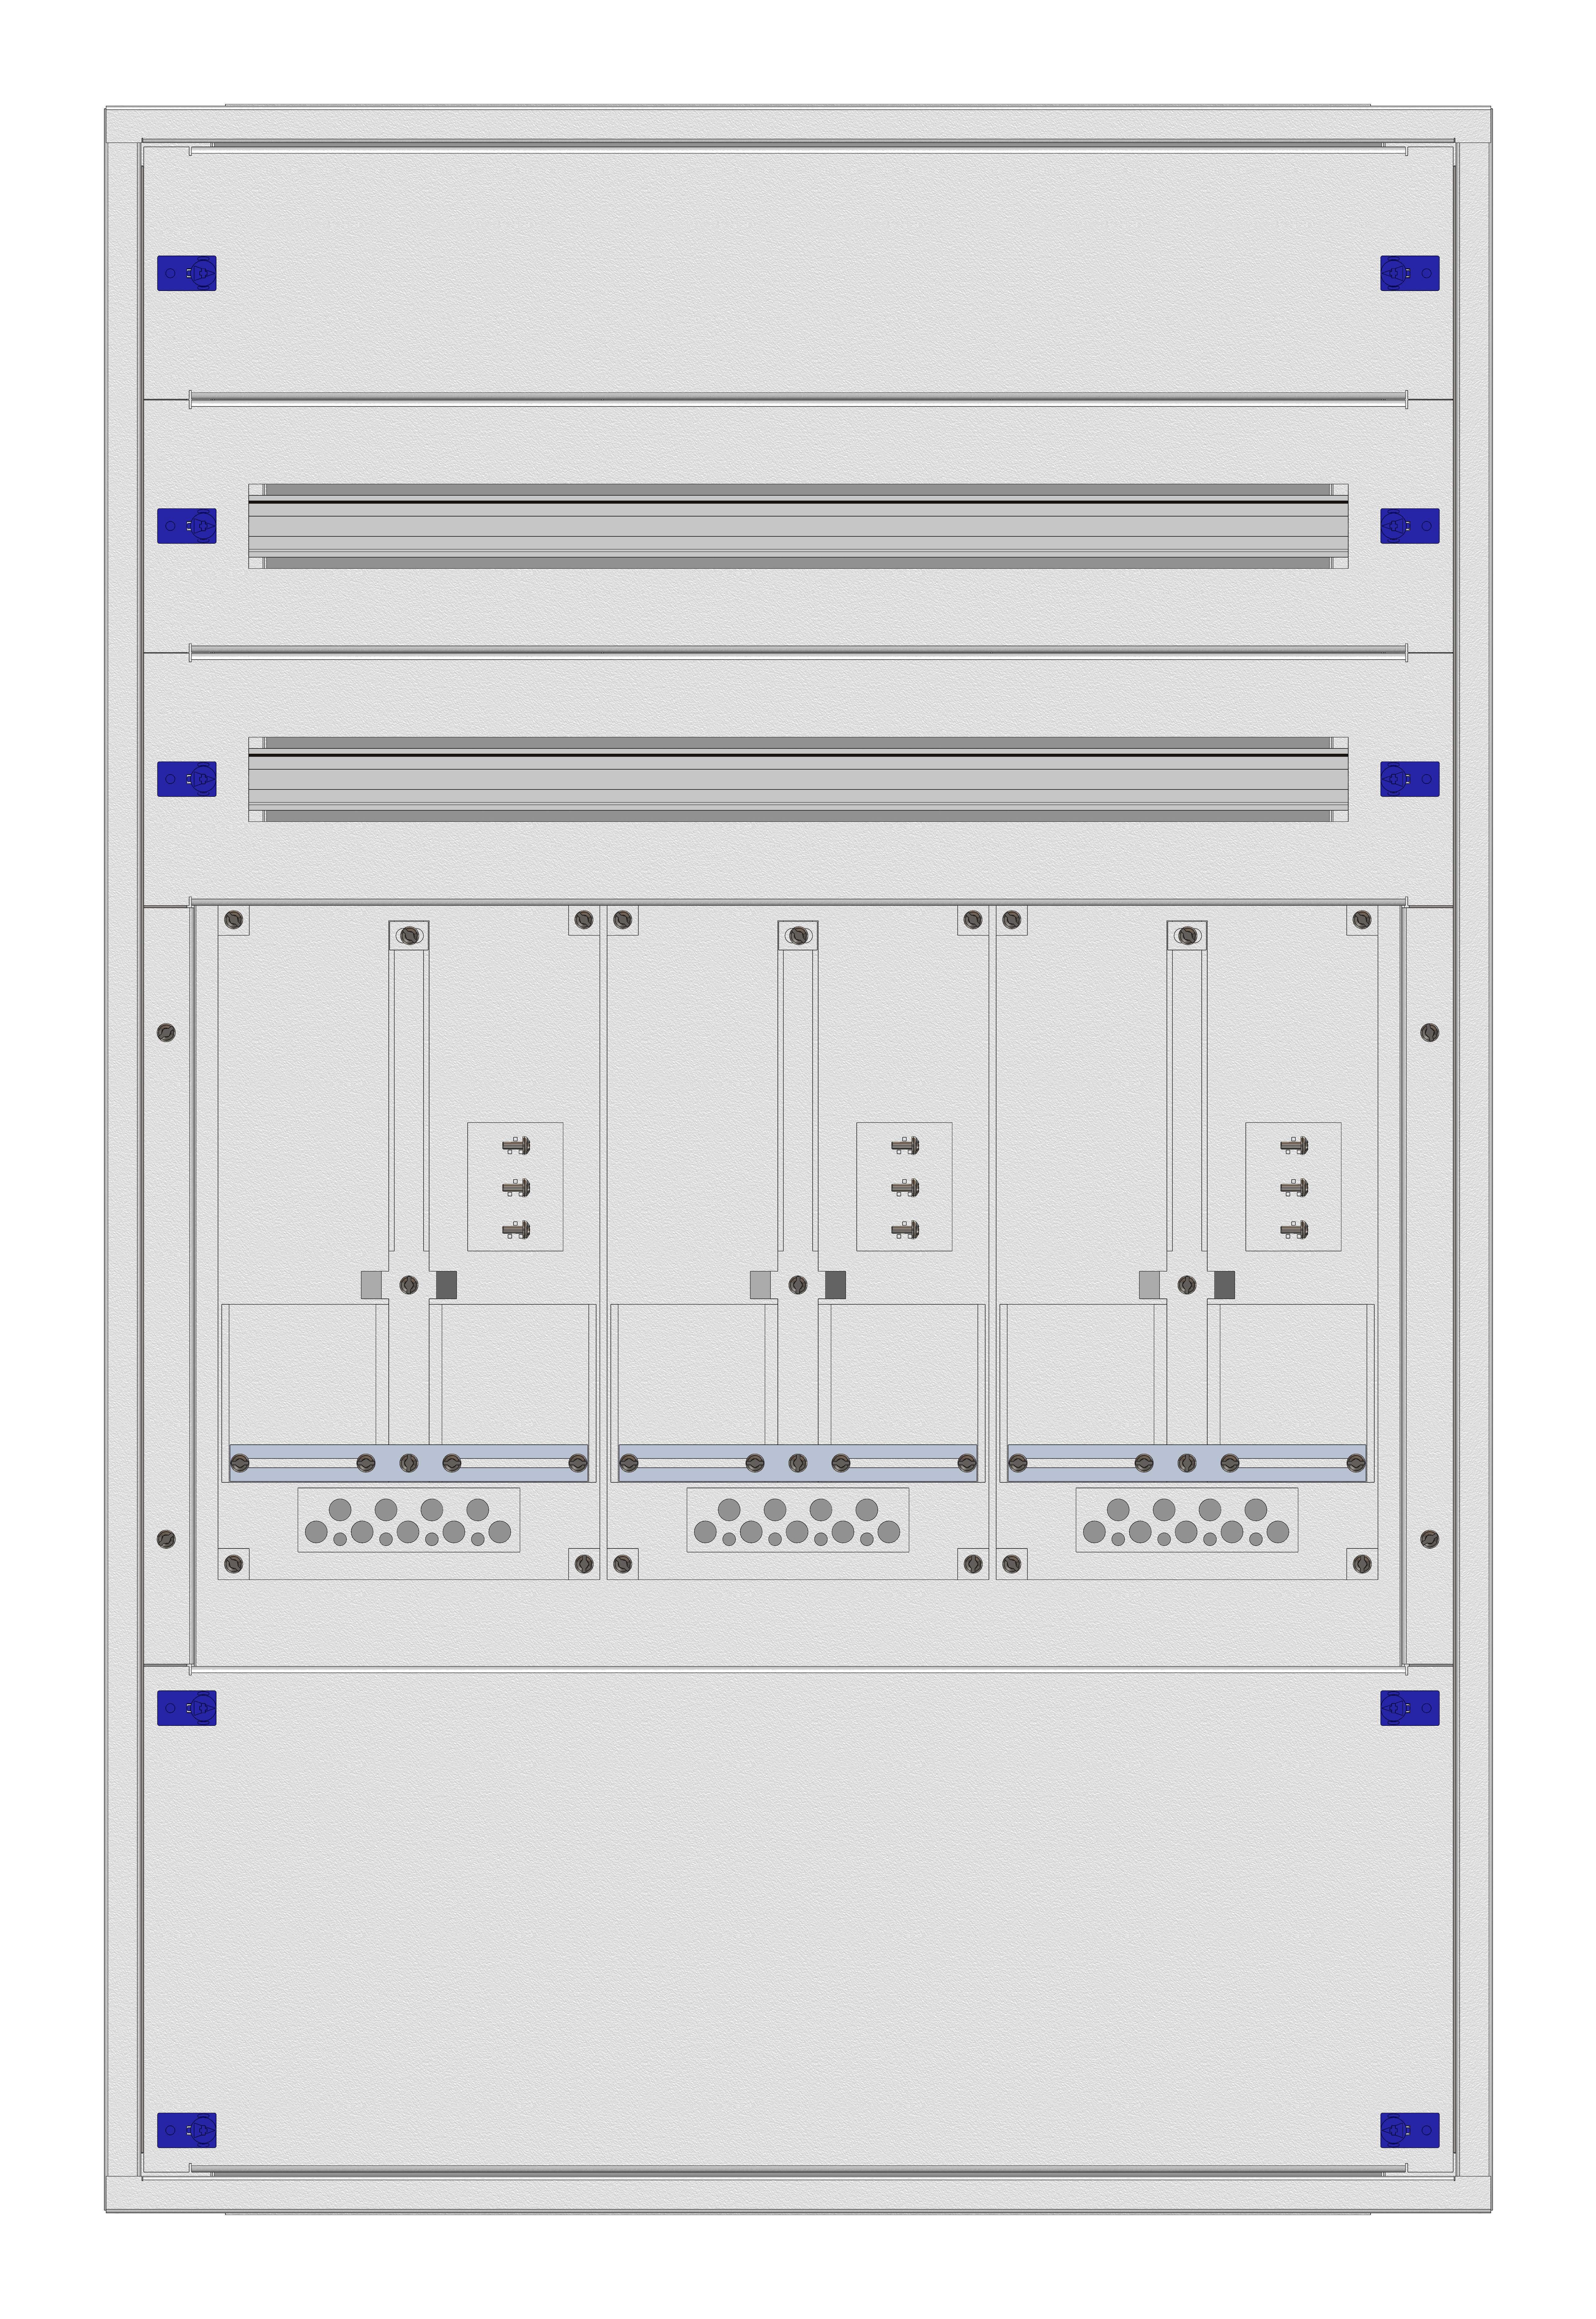 1 Stk Aufputz-Zählerverteiler 3A-24E/TIR 3ZP, H1195B810T250mm IL160324TS